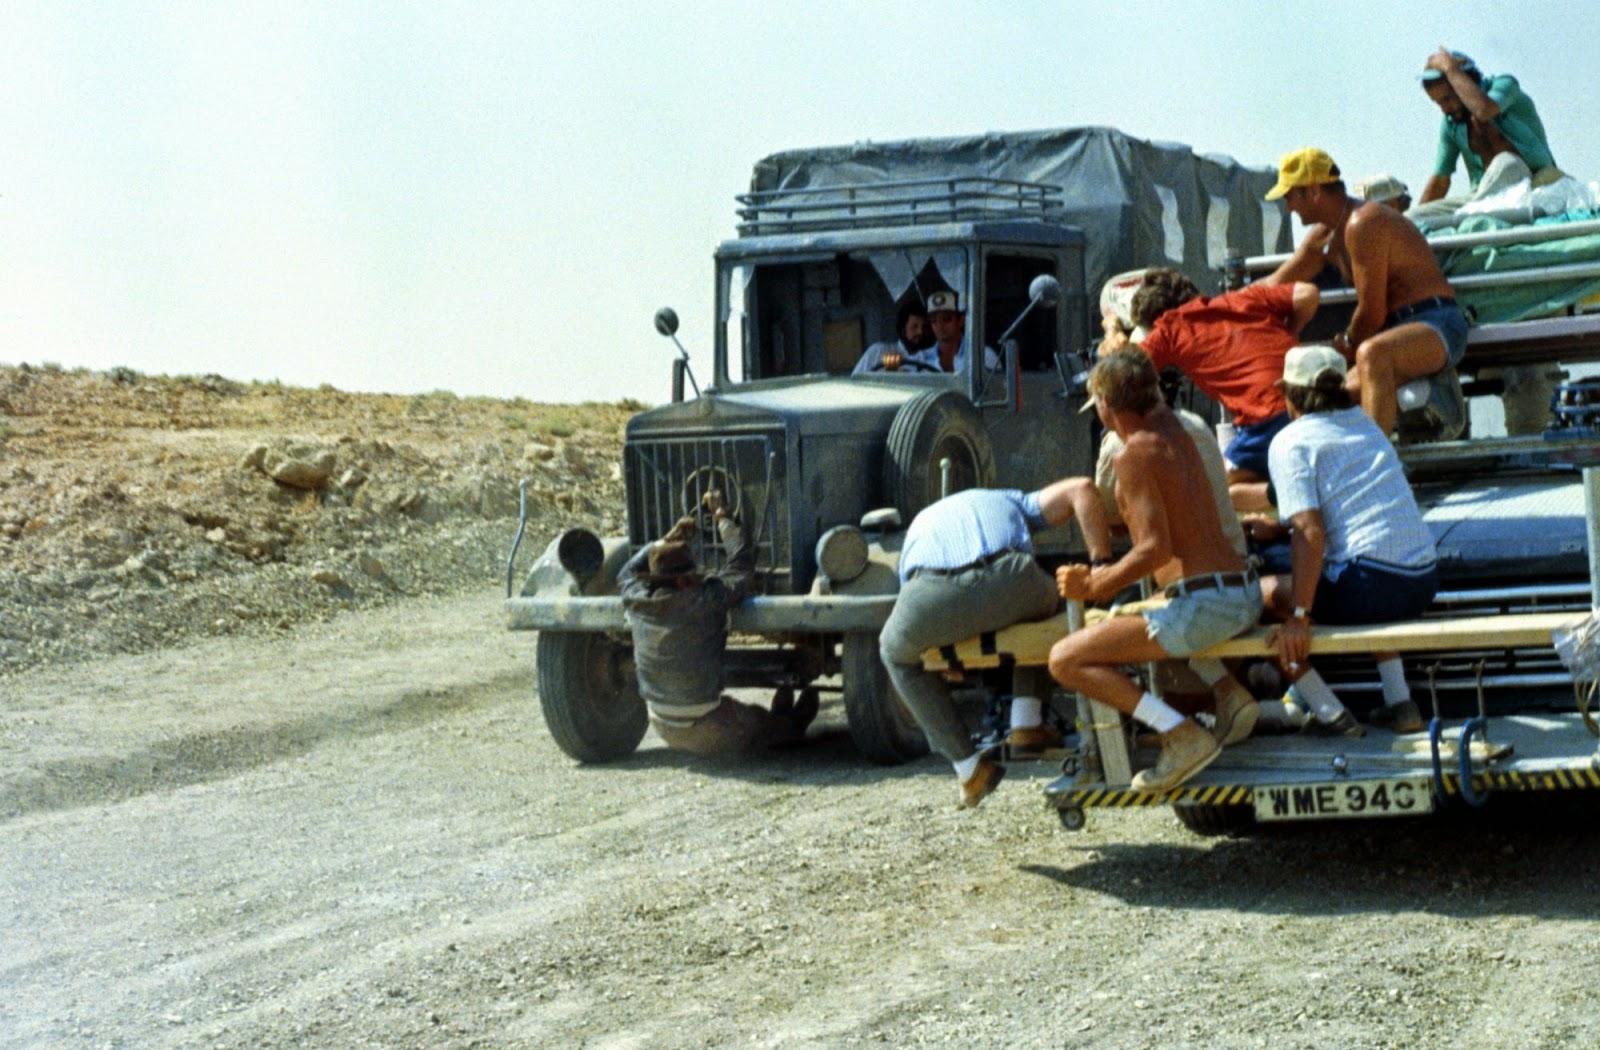 Fotografías del rodaje de Indiana Jones, en busca del Arca Perdida El%2Brodaje%2Bde%2BIndiana%2BJones%2C%2Ben%2Bbusca%2Bdel%2BArca%2BPerdida%2B9